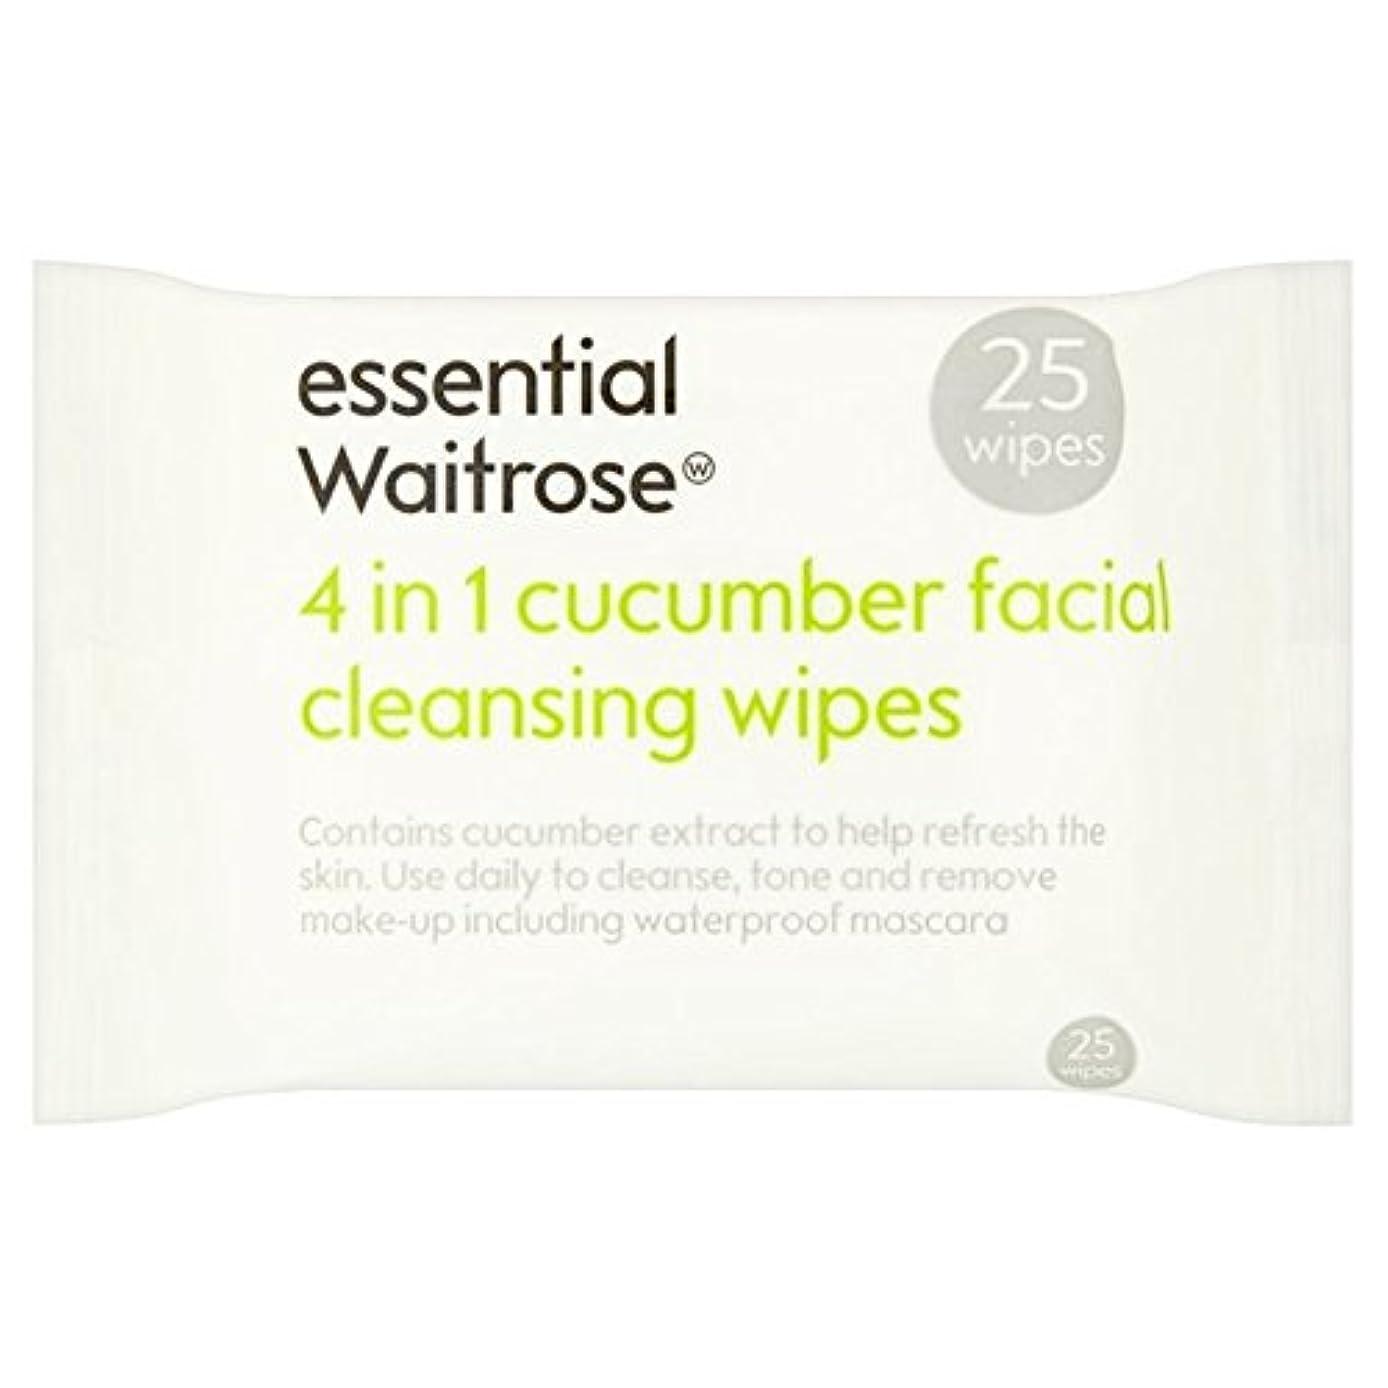 蓋指紋失望させるキュウリ顔のワイプパックあたり不可欠ウェイトローズ25 x2 - Cucumber Facial Wipes essential Waitrose 25 per pack (Pack of 2) [並行輸入品]